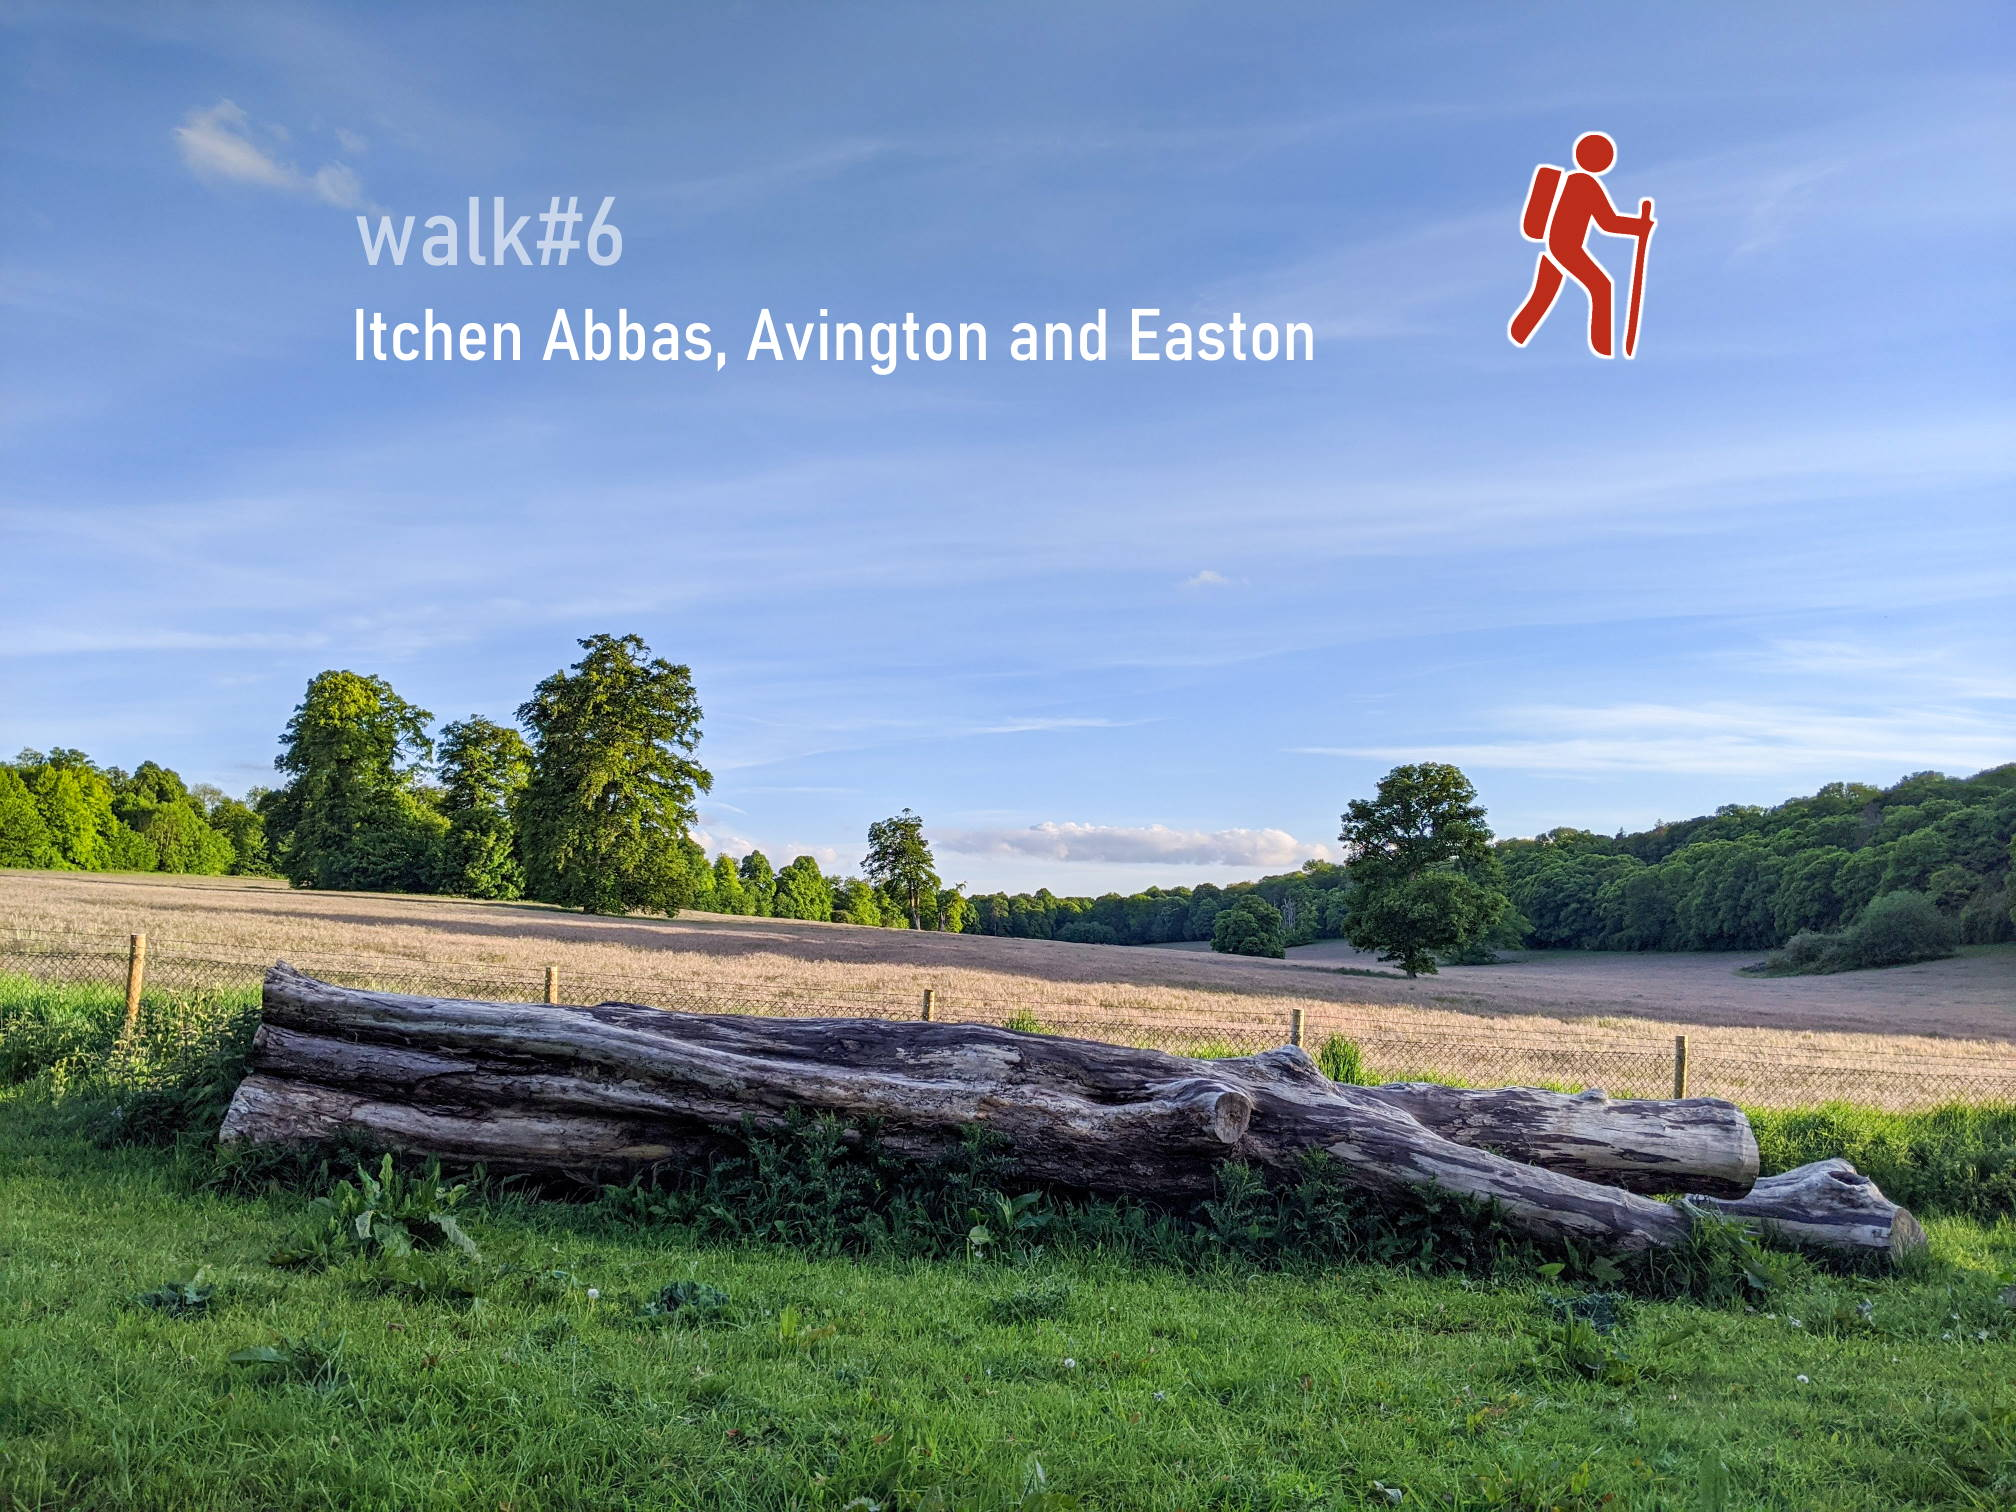 Itchen Abbas, Avington and Easton